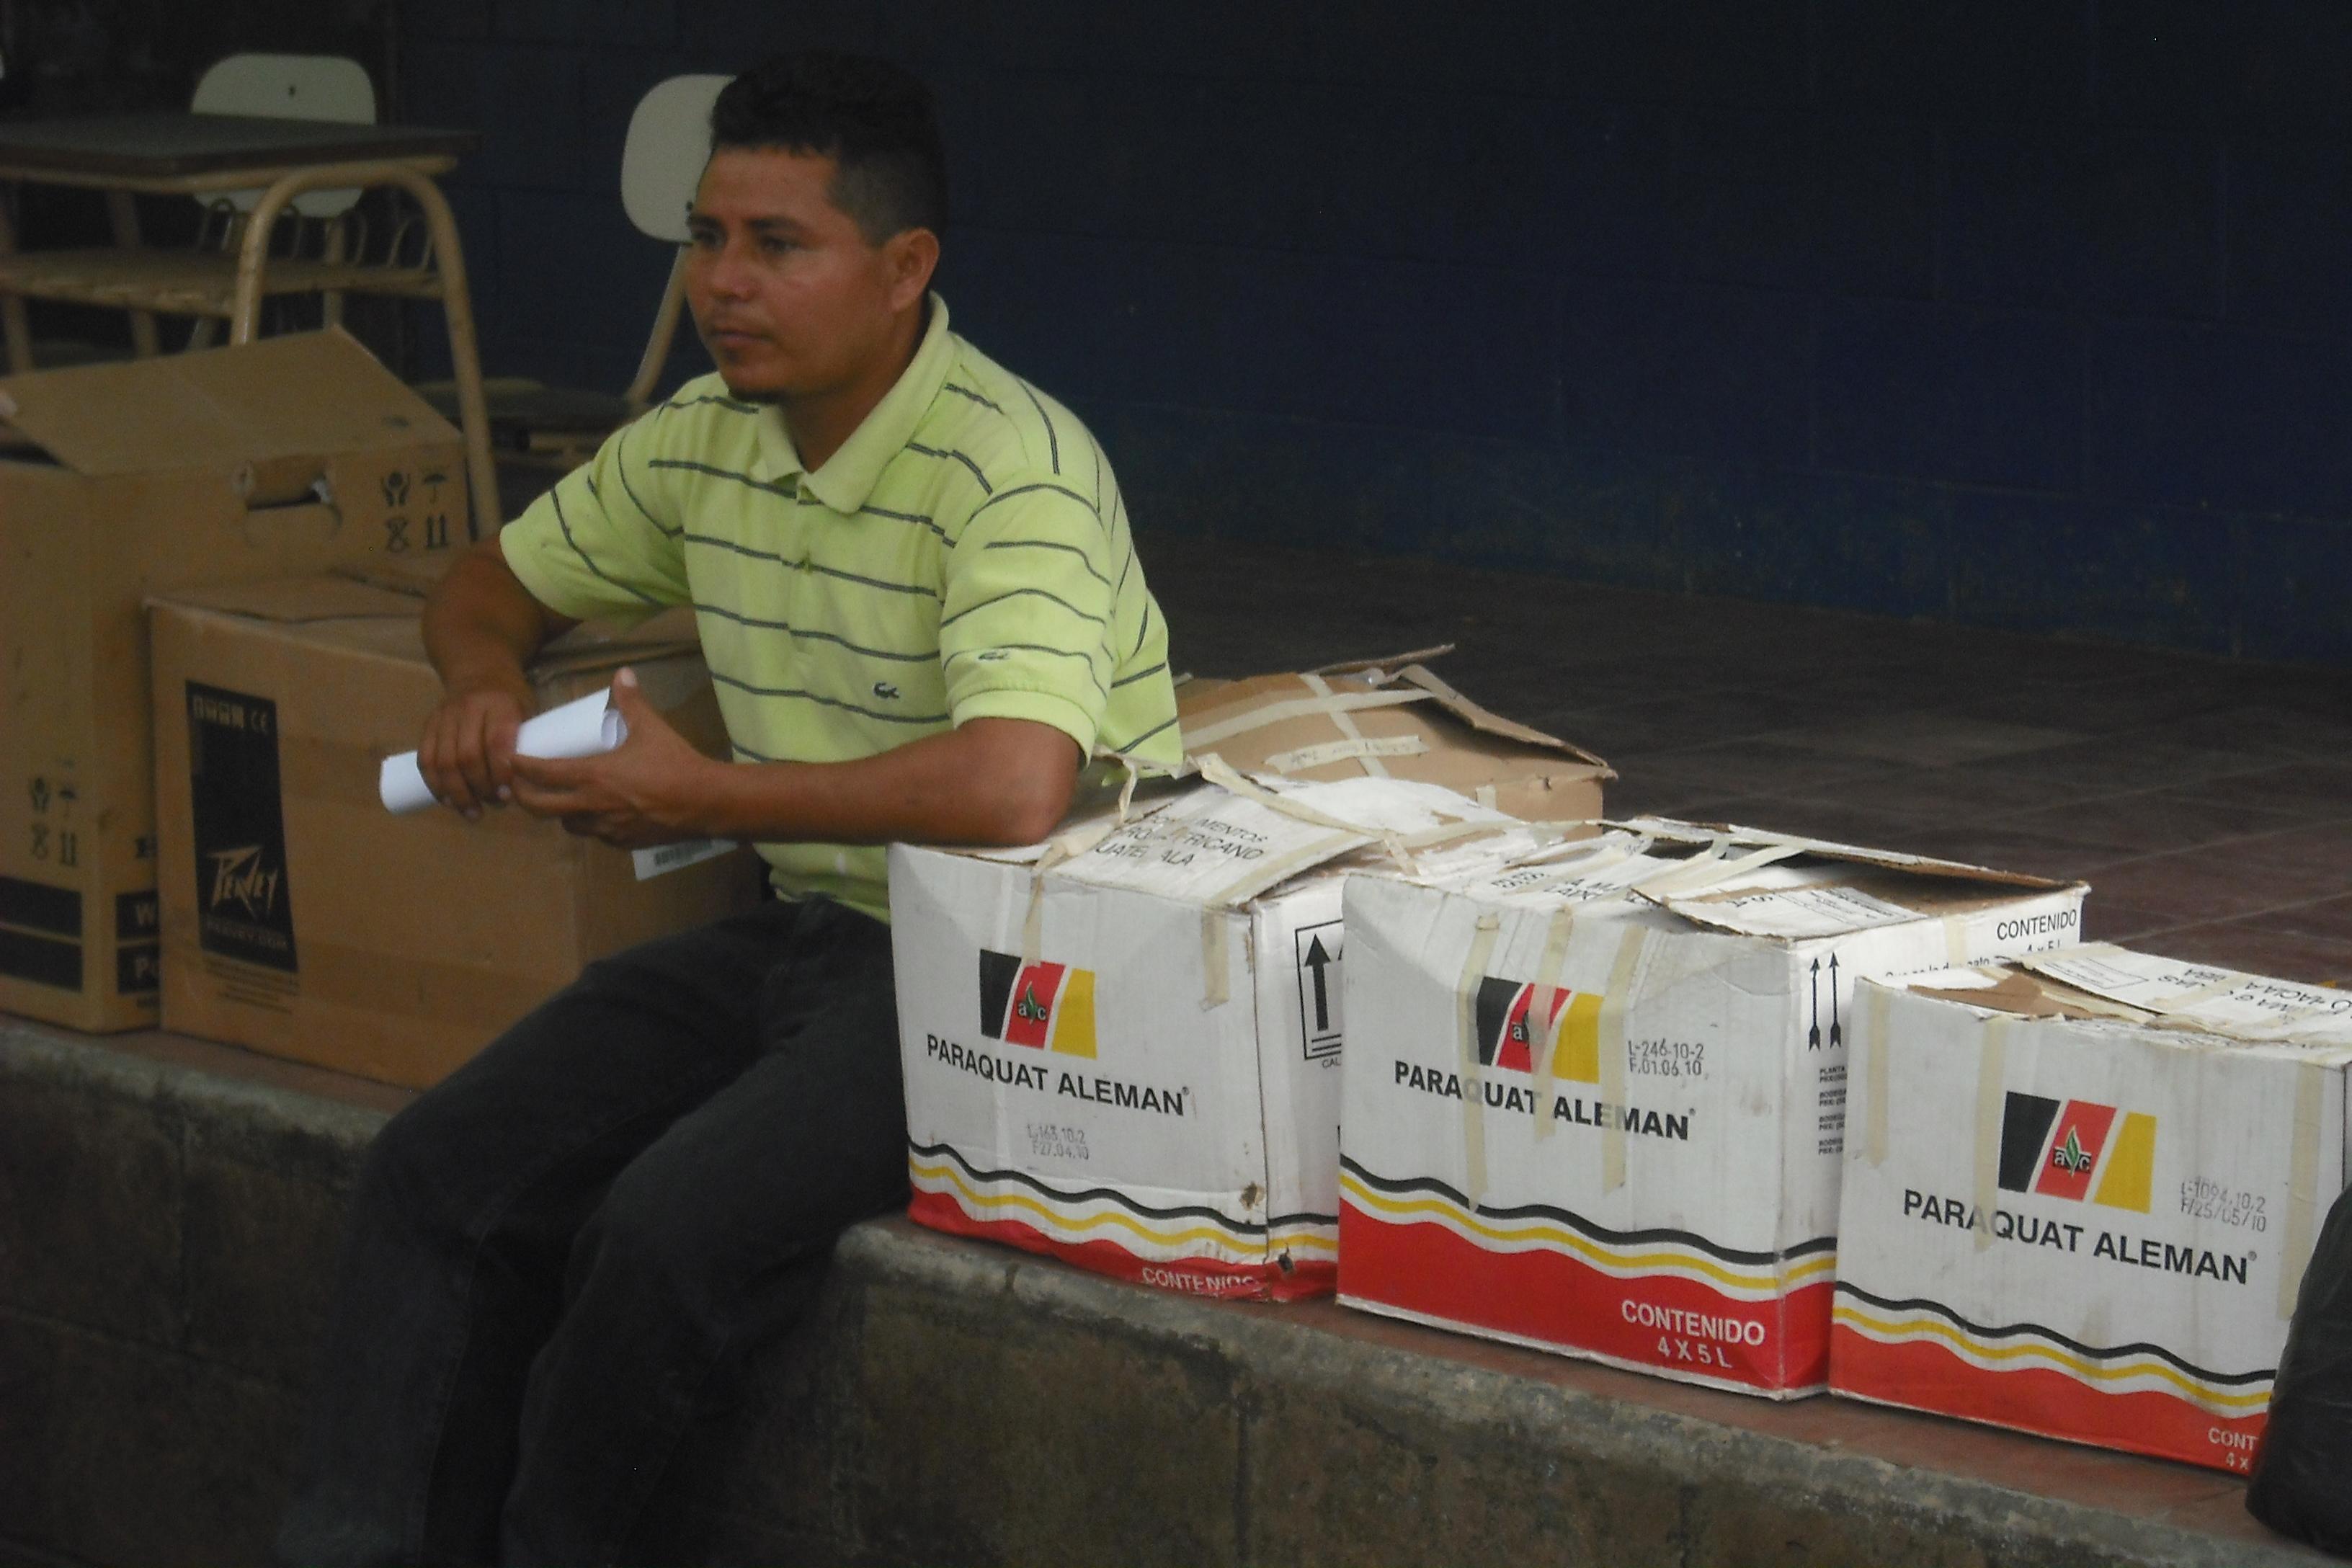 Es necesaria la creación  de un nuevo partido de centro izquierda que agrupe a todos los expulsados del FMLN